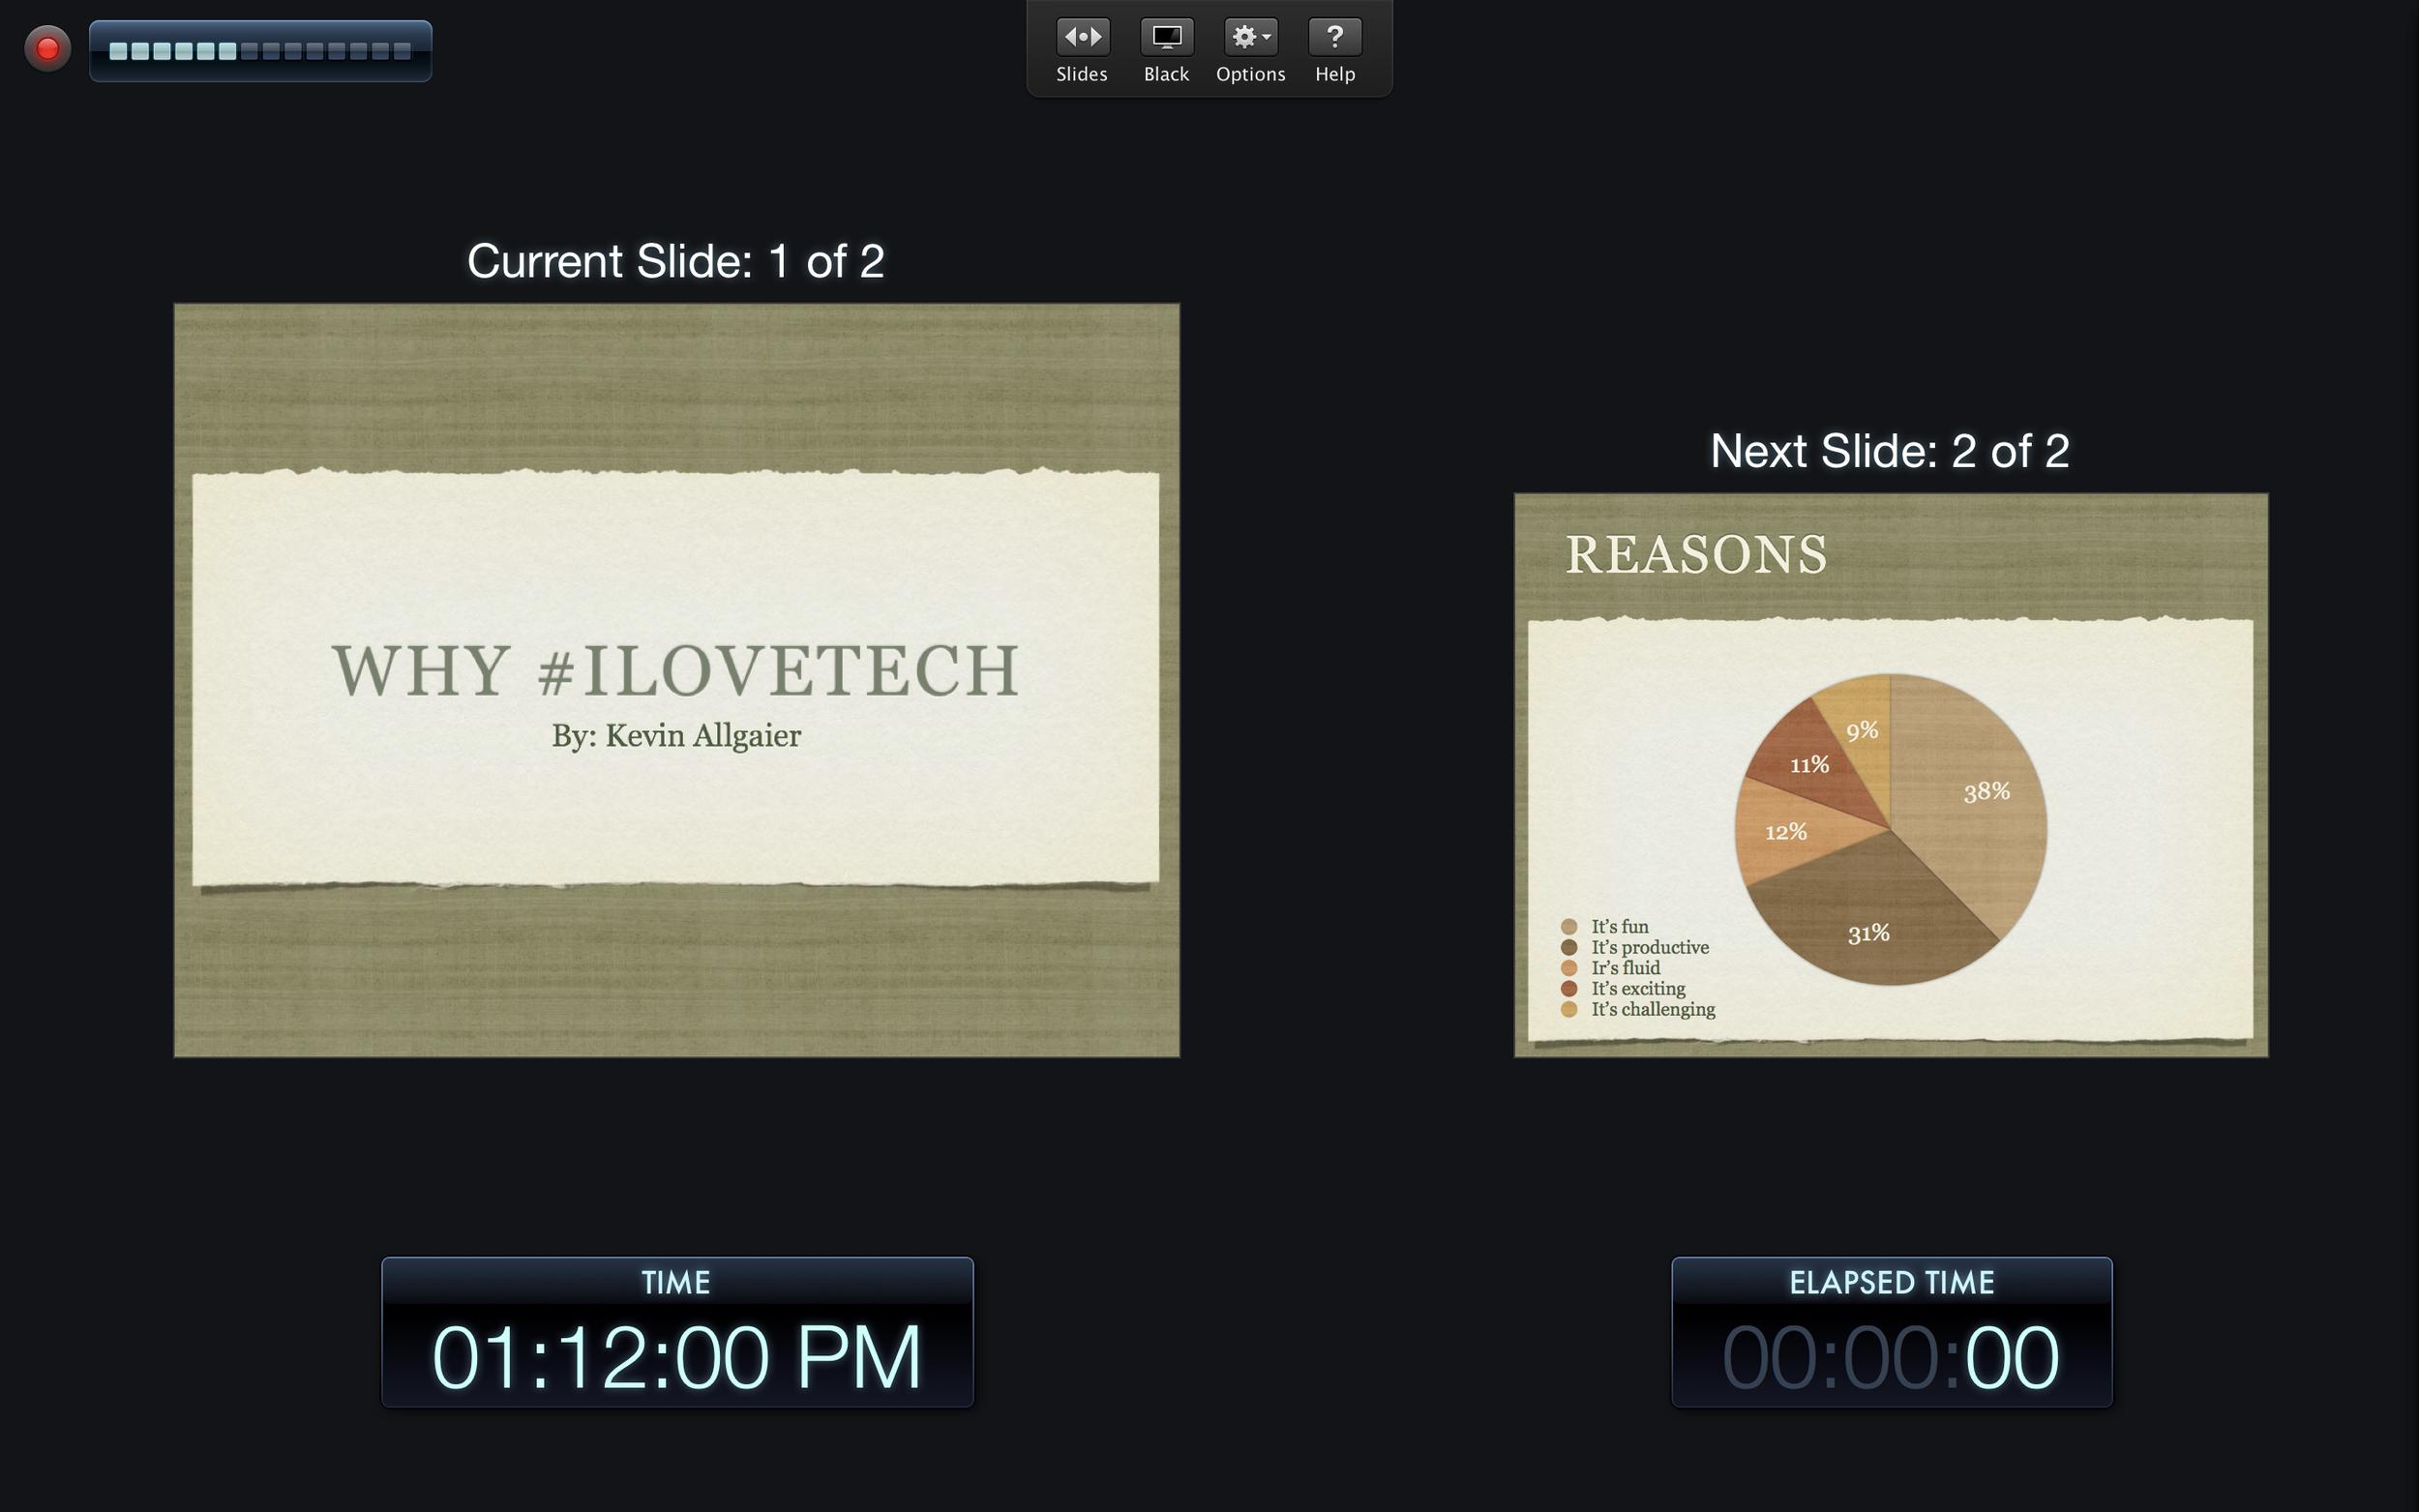 Screen Shot 2013-04-12 at 1.12.01 PM (2).png